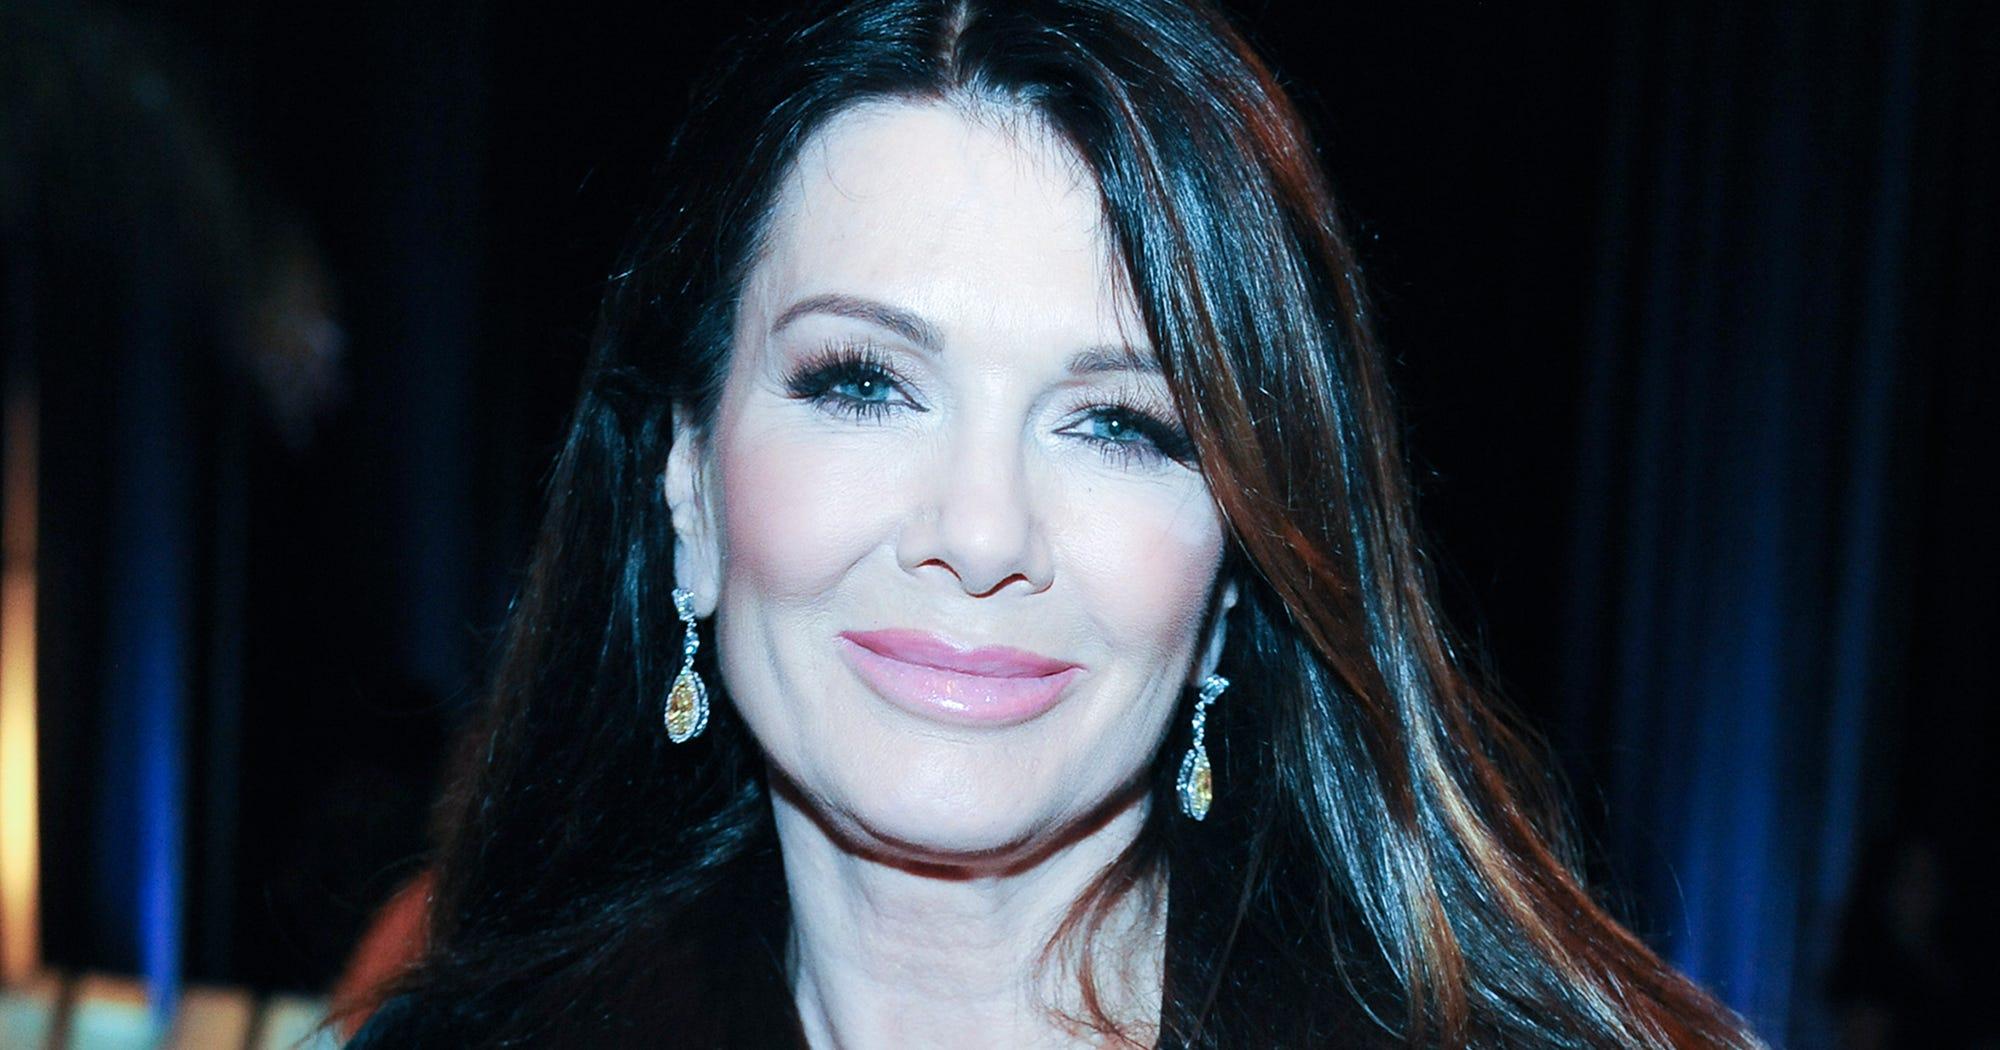 Is Lisa Vanderpump Leaving Real Housewives Of Beverly Hills?